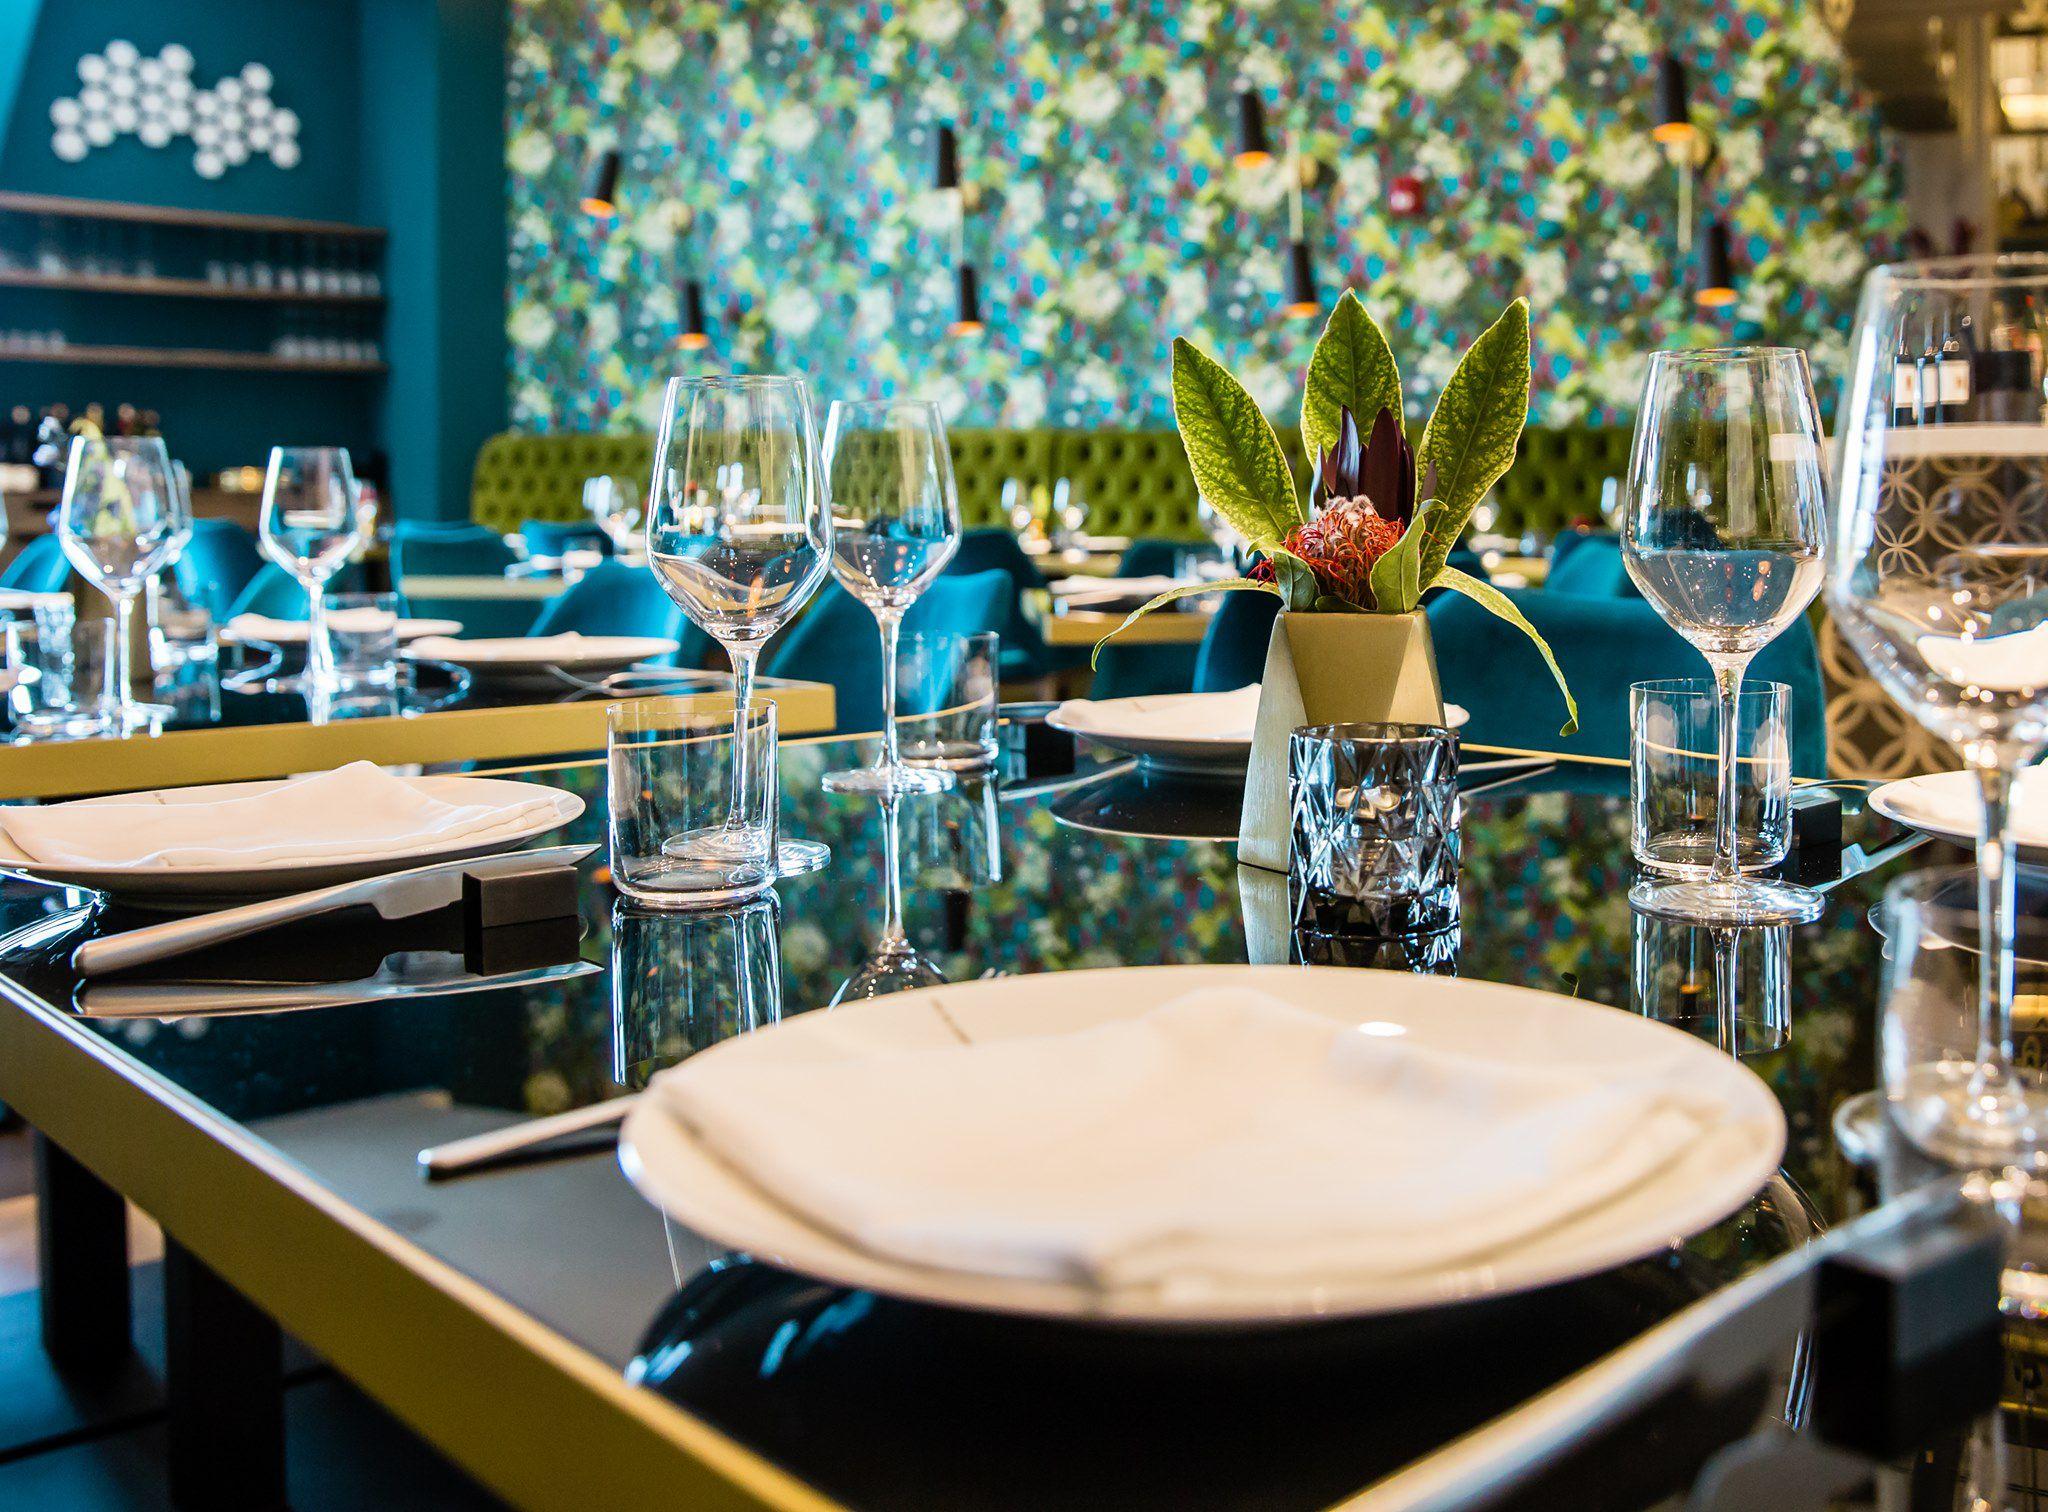 The Best Restaurants in Wynwood, Miami